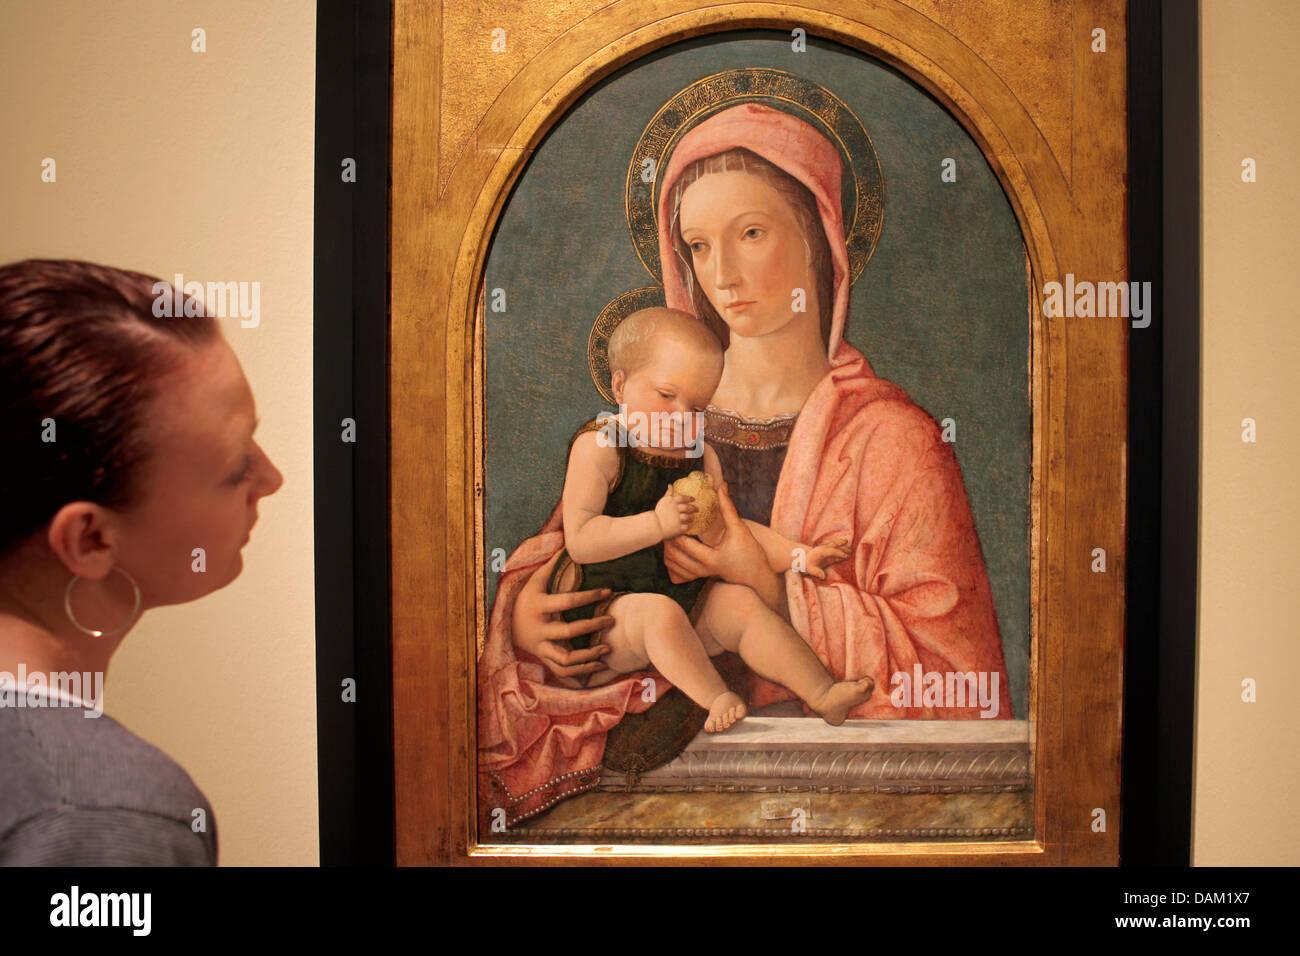 Bellini Nürnberg bellini museum stockfotos bellini museum bilder alamy